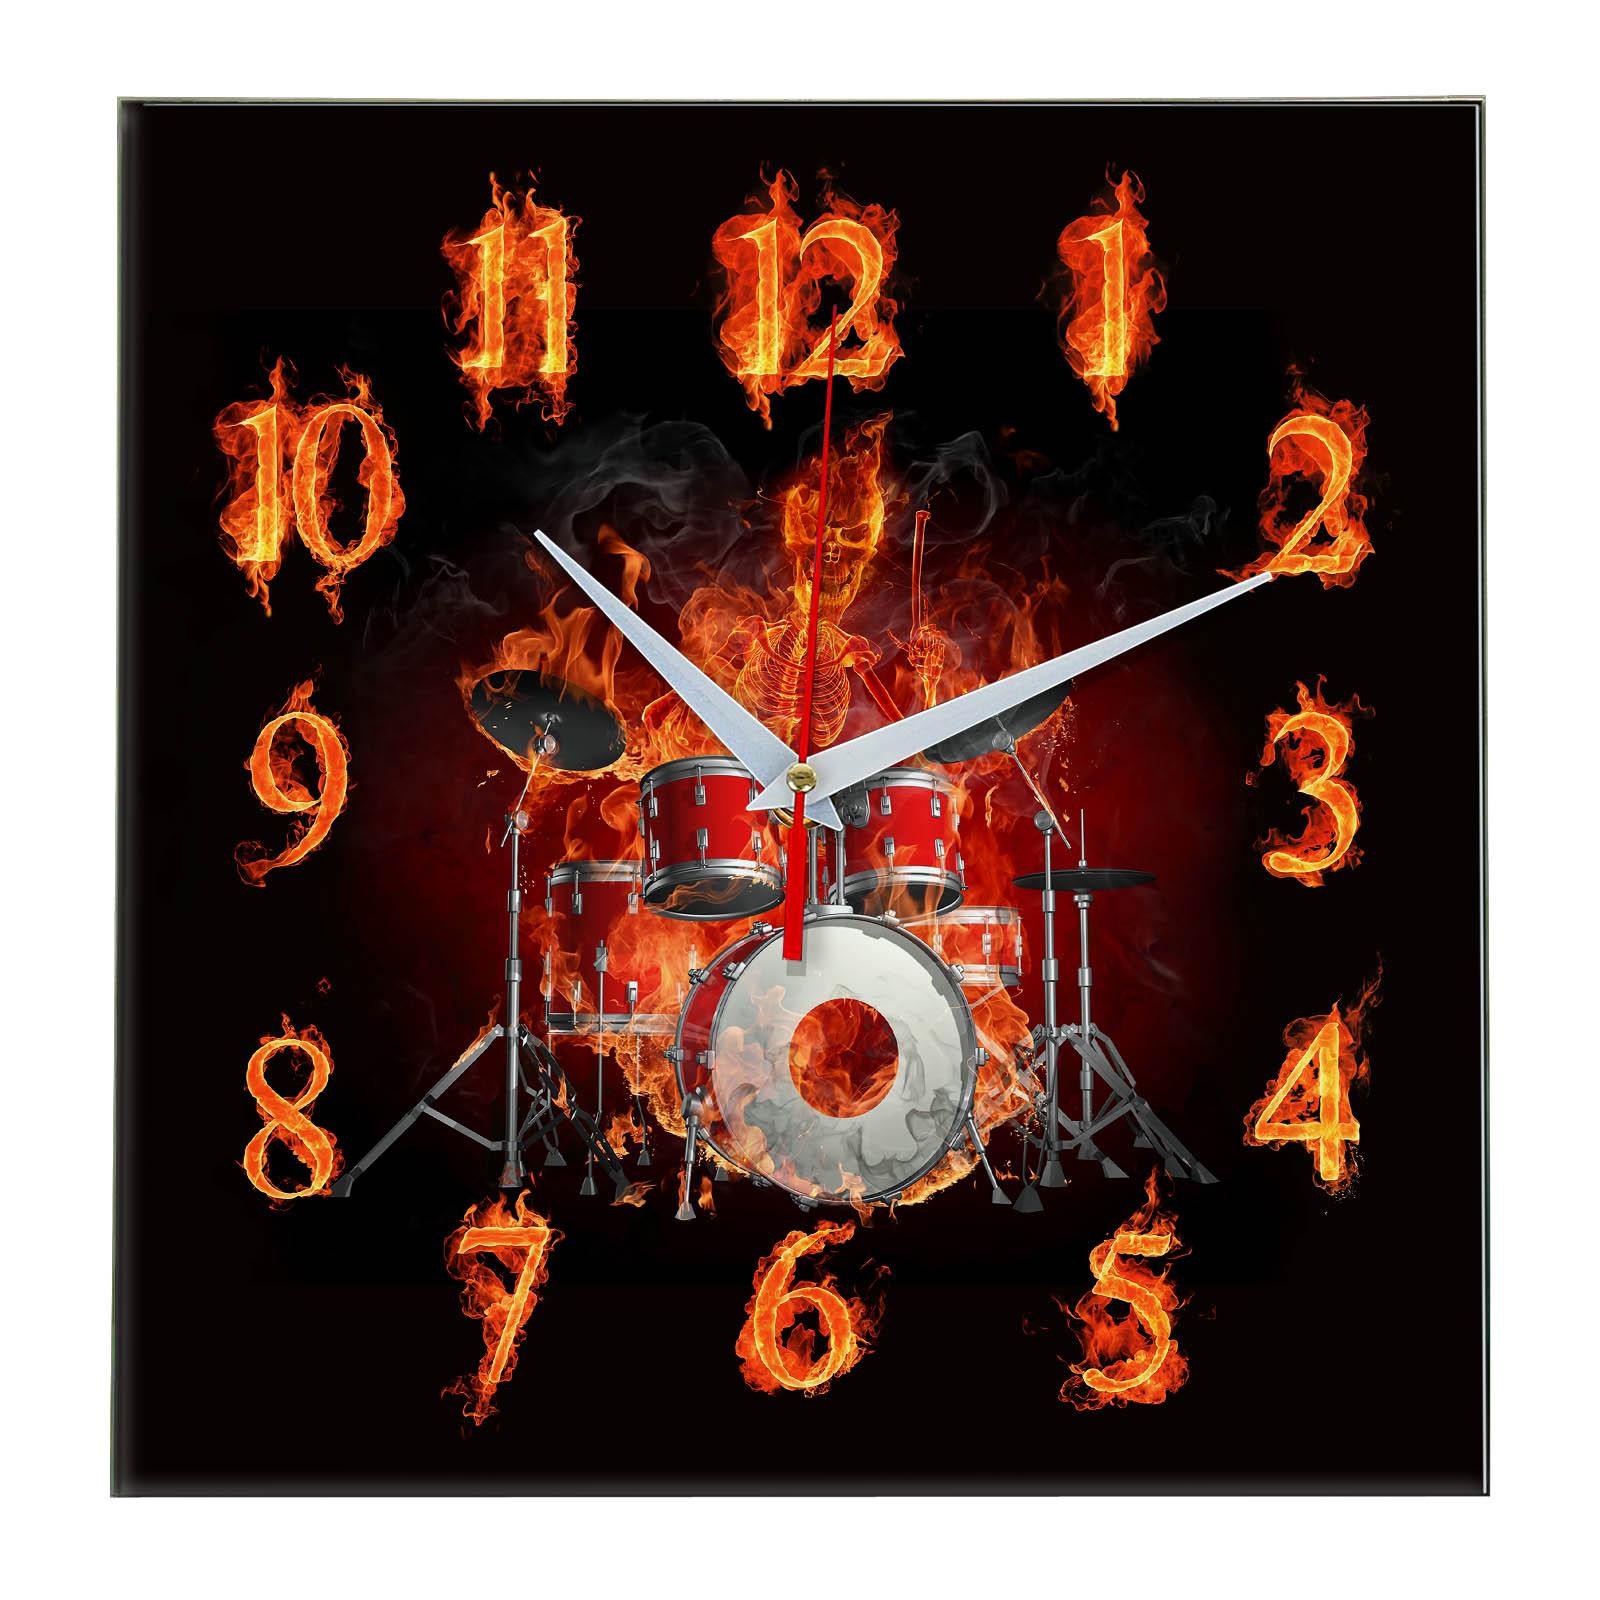 Настенные часы «Flames-Fire-Drums»